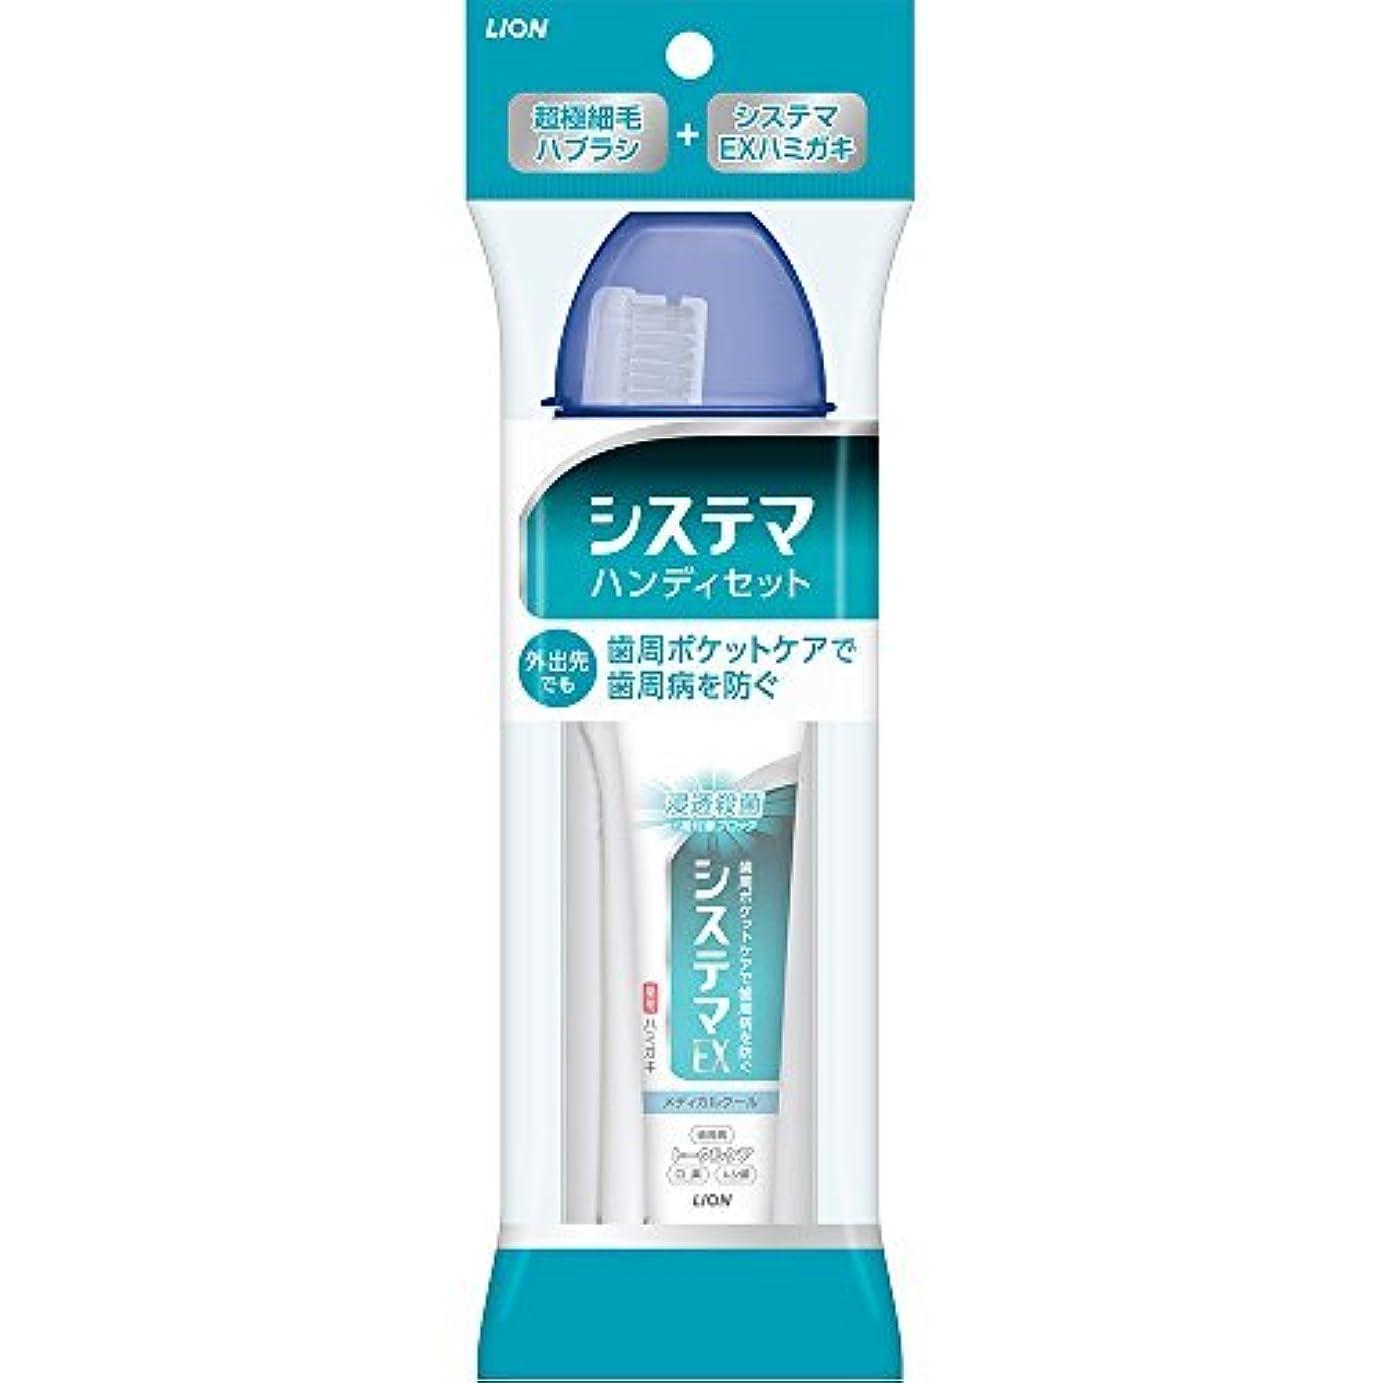 ベル予防接種シートデンターシステマ ハンディセット 6セット